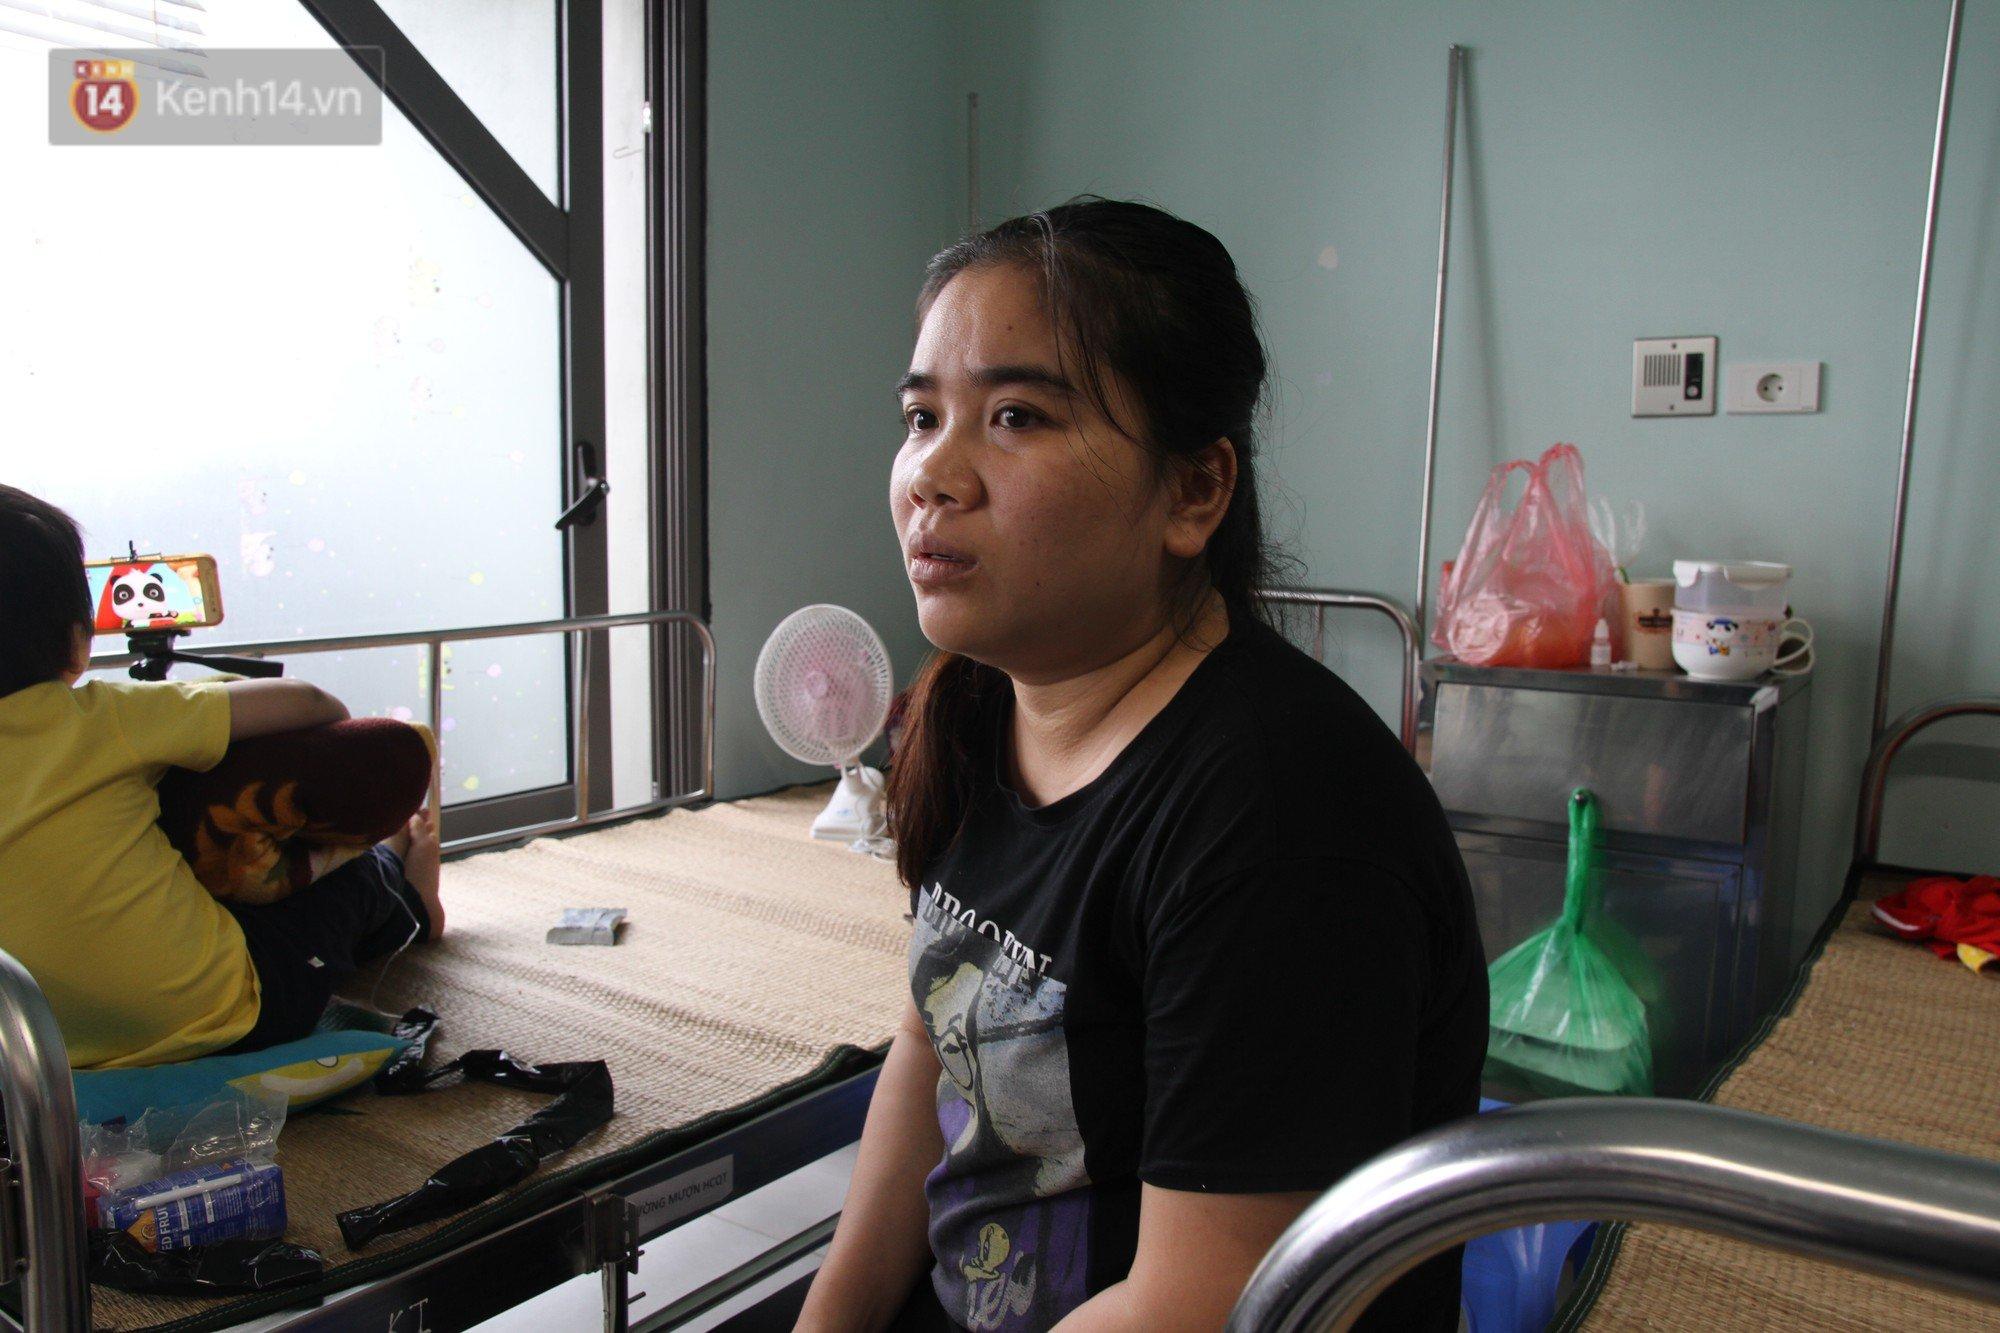 Cuộc sống tạm bợ của bệnh nhân sau vụ cháy gần Viện Nhi: Tiền tích cóp để chữa trị cháy rụi cùng giấy tờ, thuốc men 11